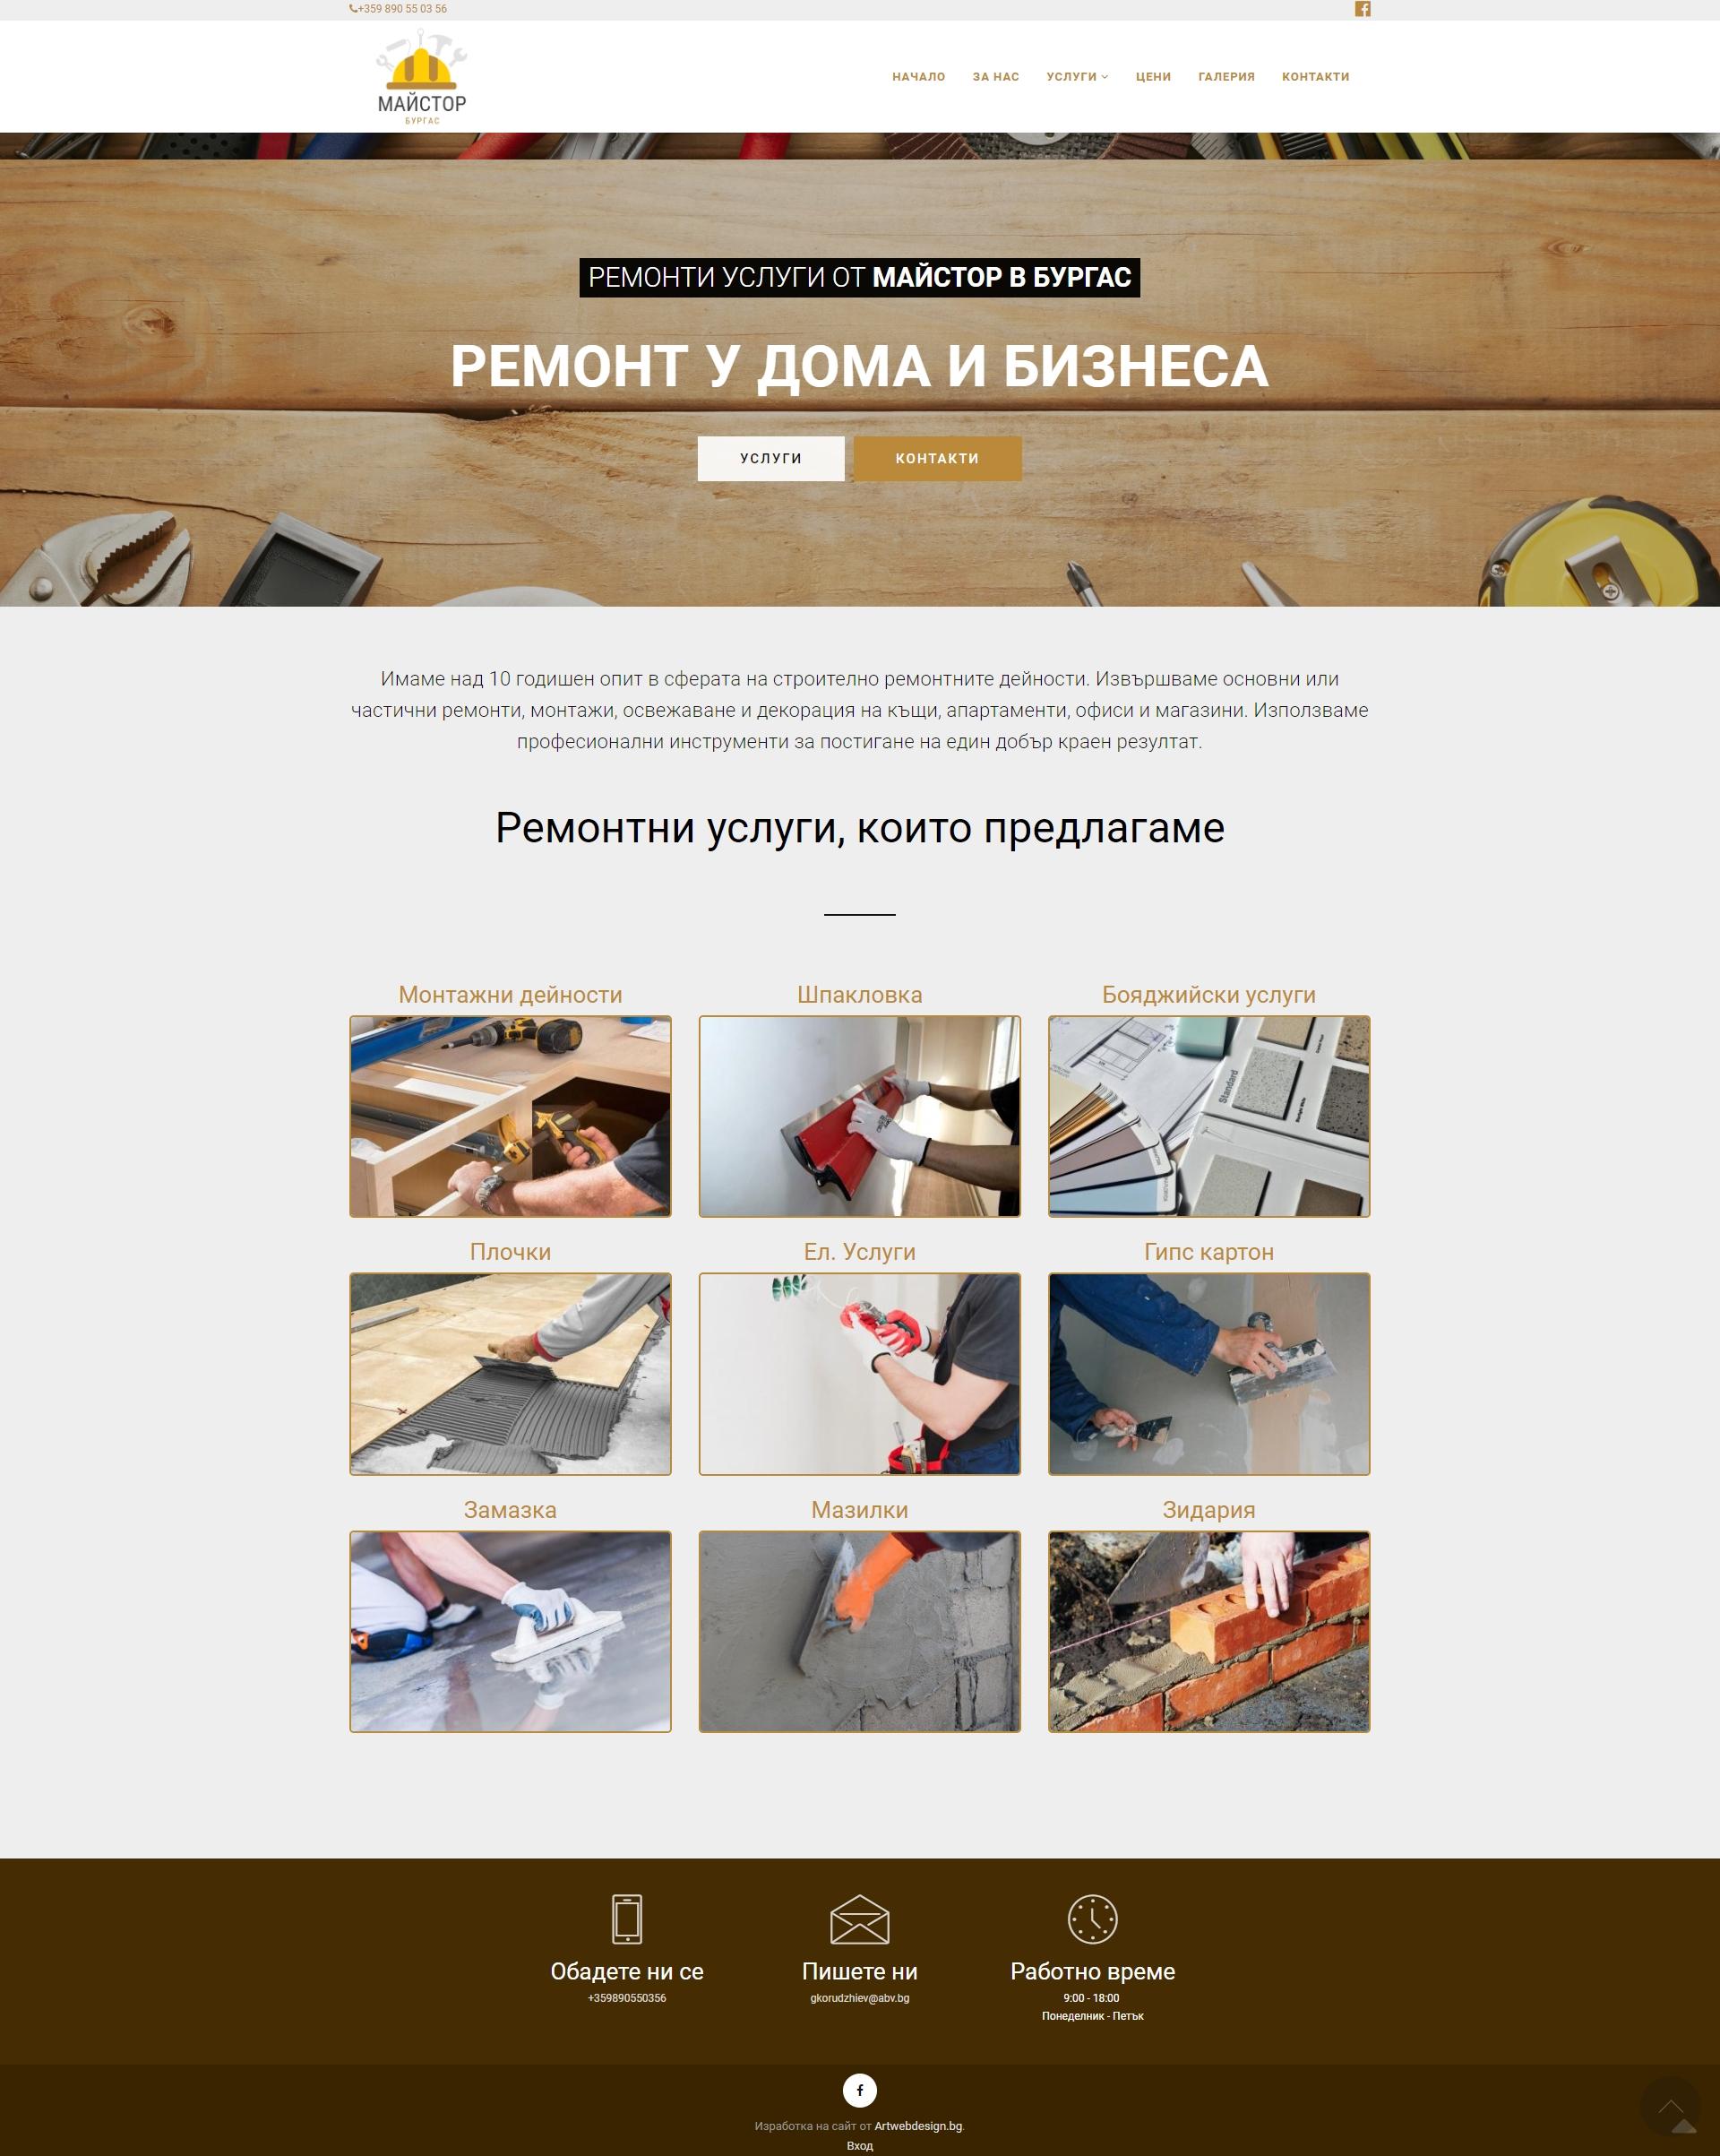 Информационен уеб сайт за услуги